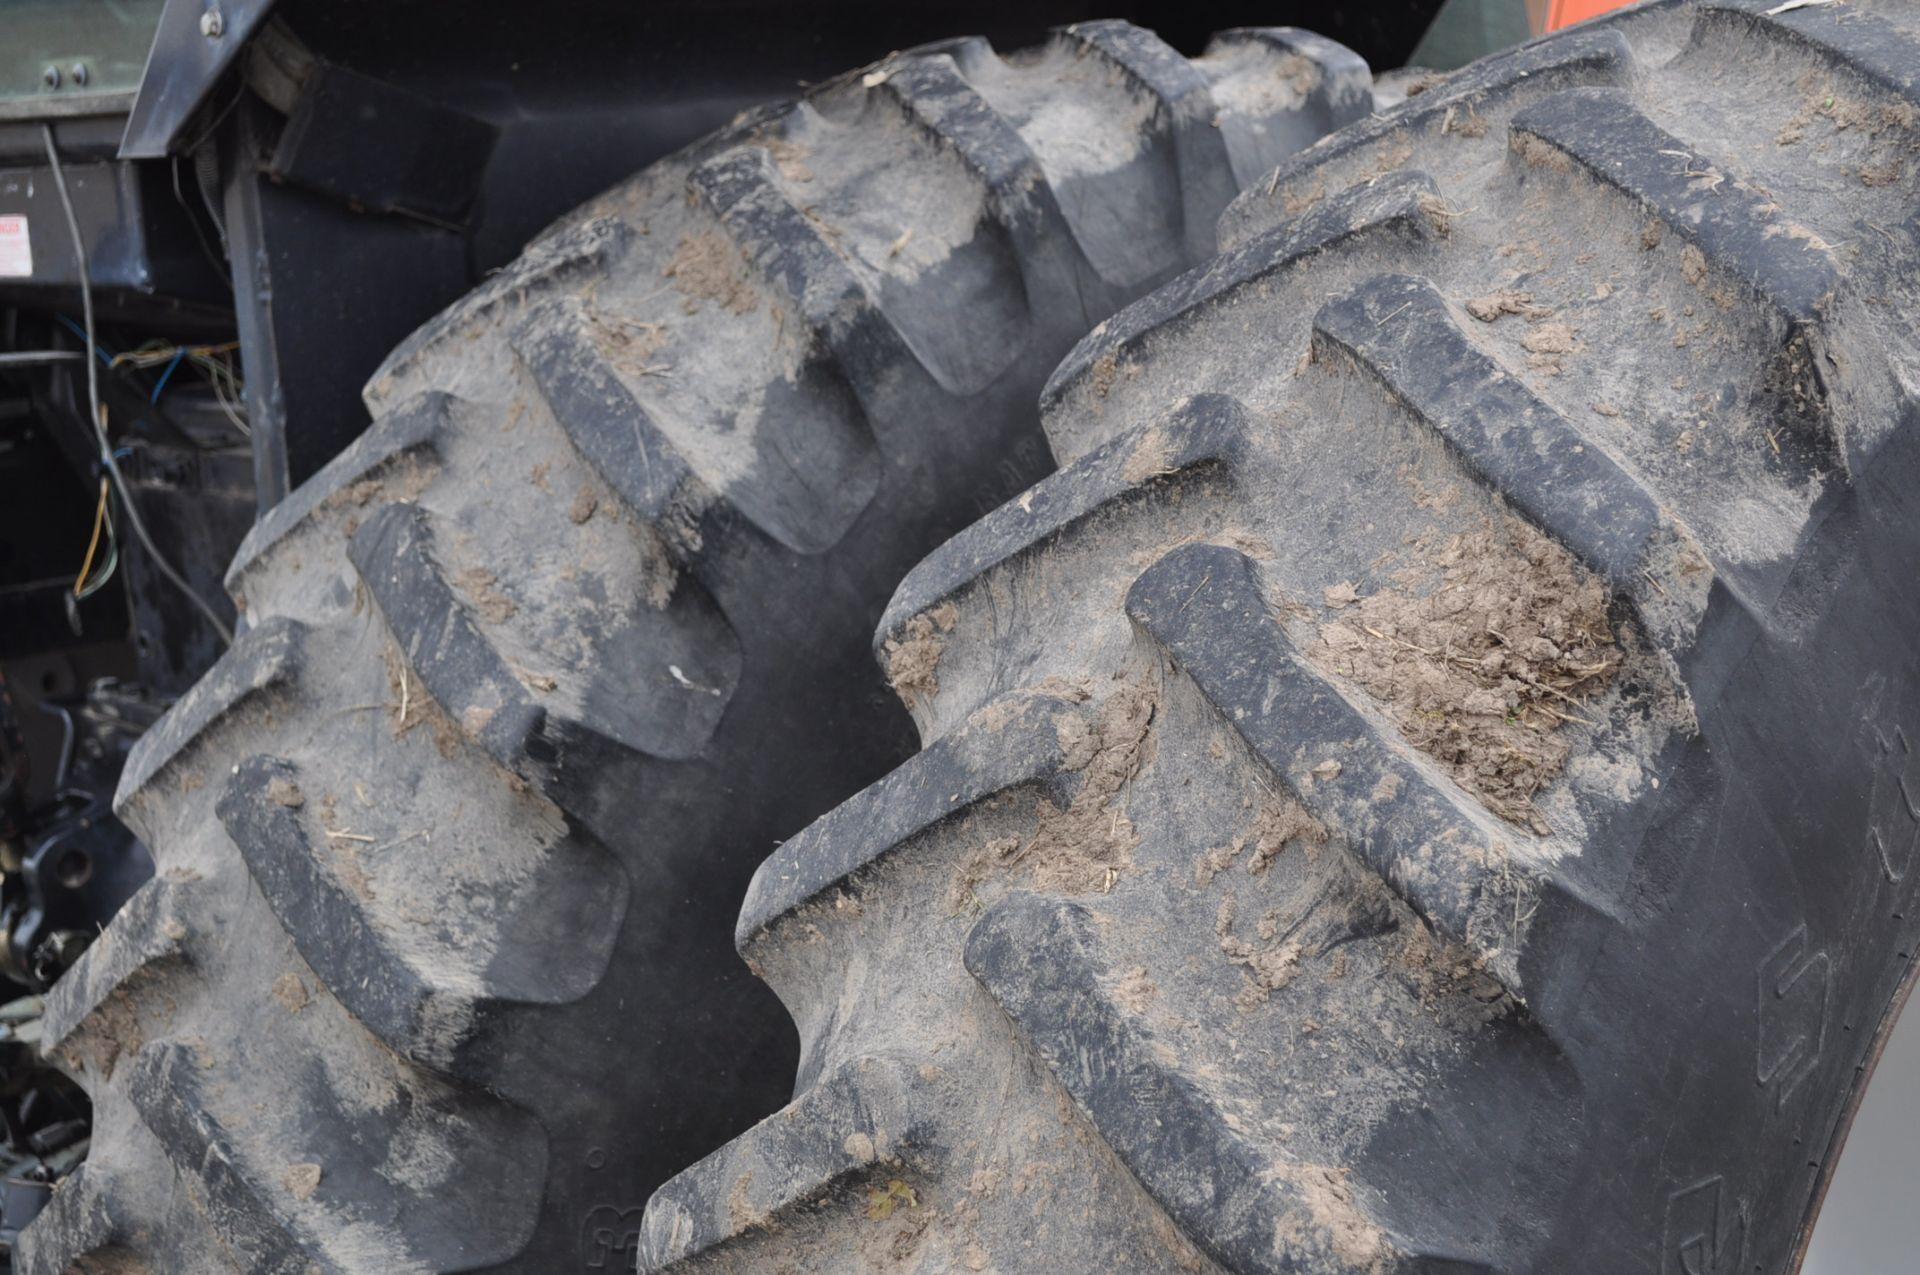 Deutz Allis 9150 tractor, MFWD, 18.4 R 42 duals, 420/85 R 28 tires, 6+3 speed range, 2 hyd - Image 8 of 20